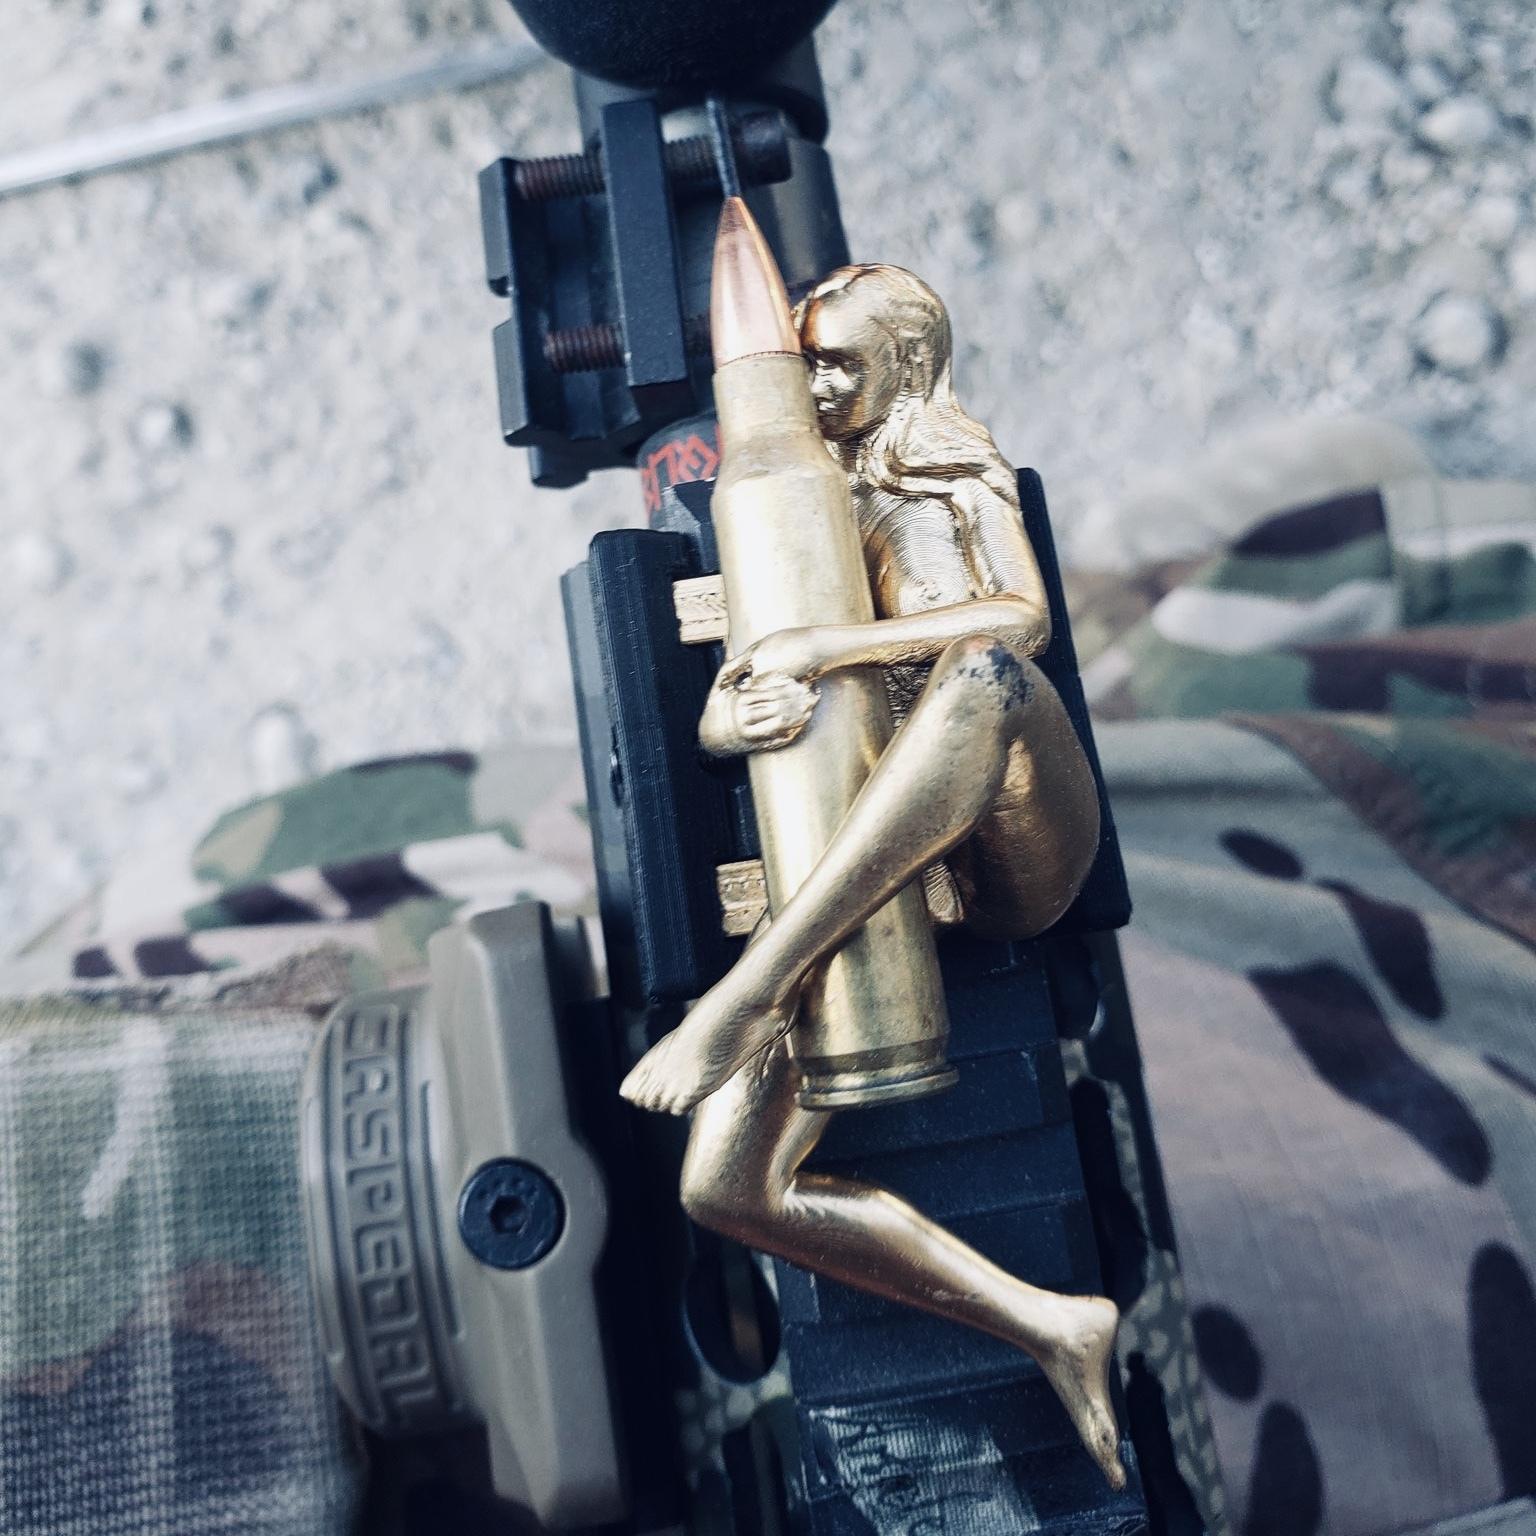 レイルフィギュア  弾を抱く女